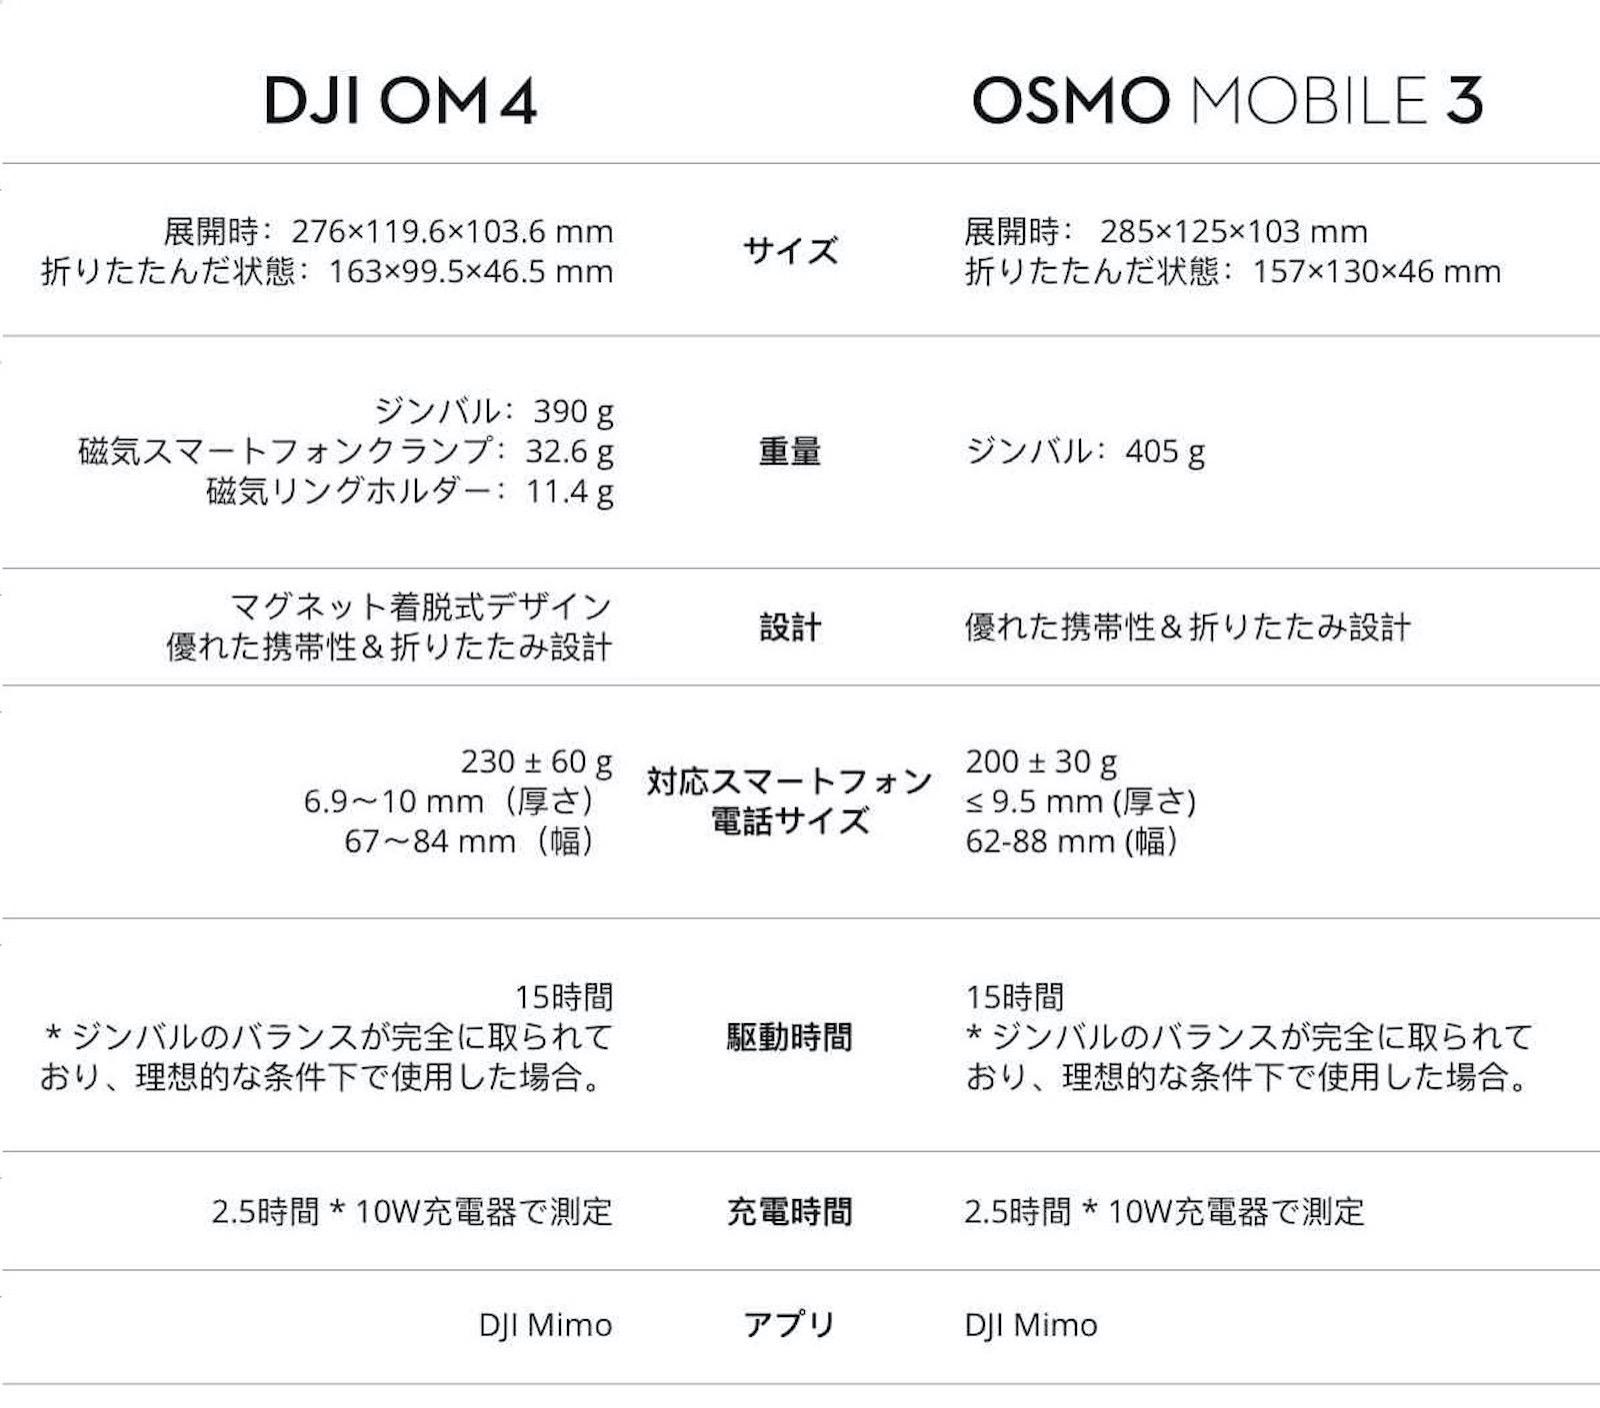 Om4 comparison